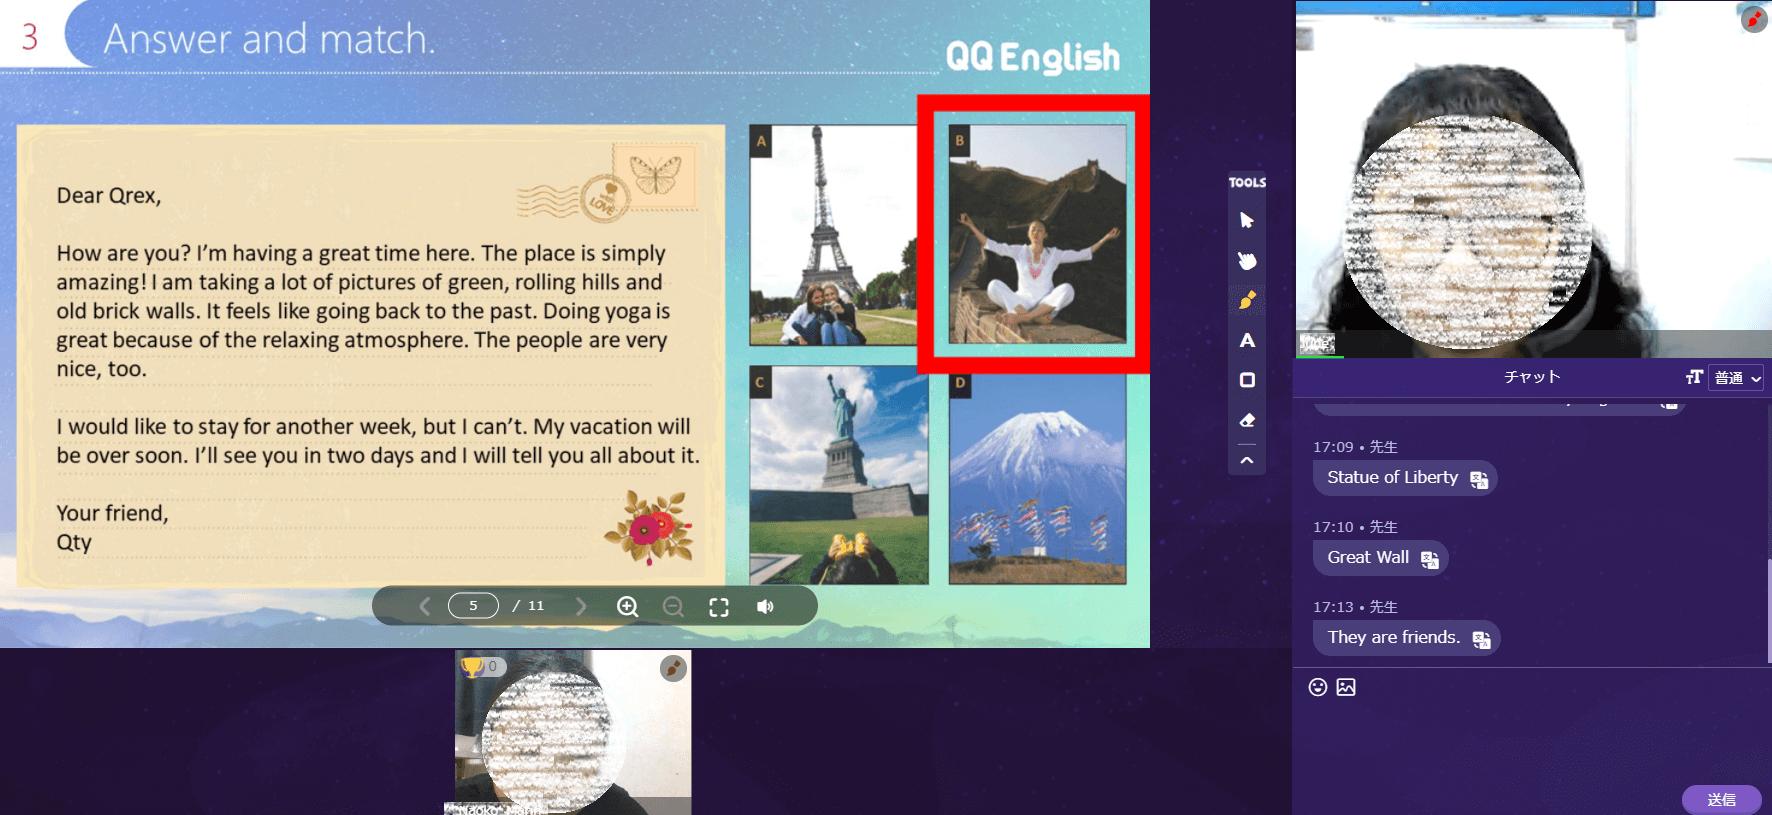 QQイングリッシュオンライン英会話